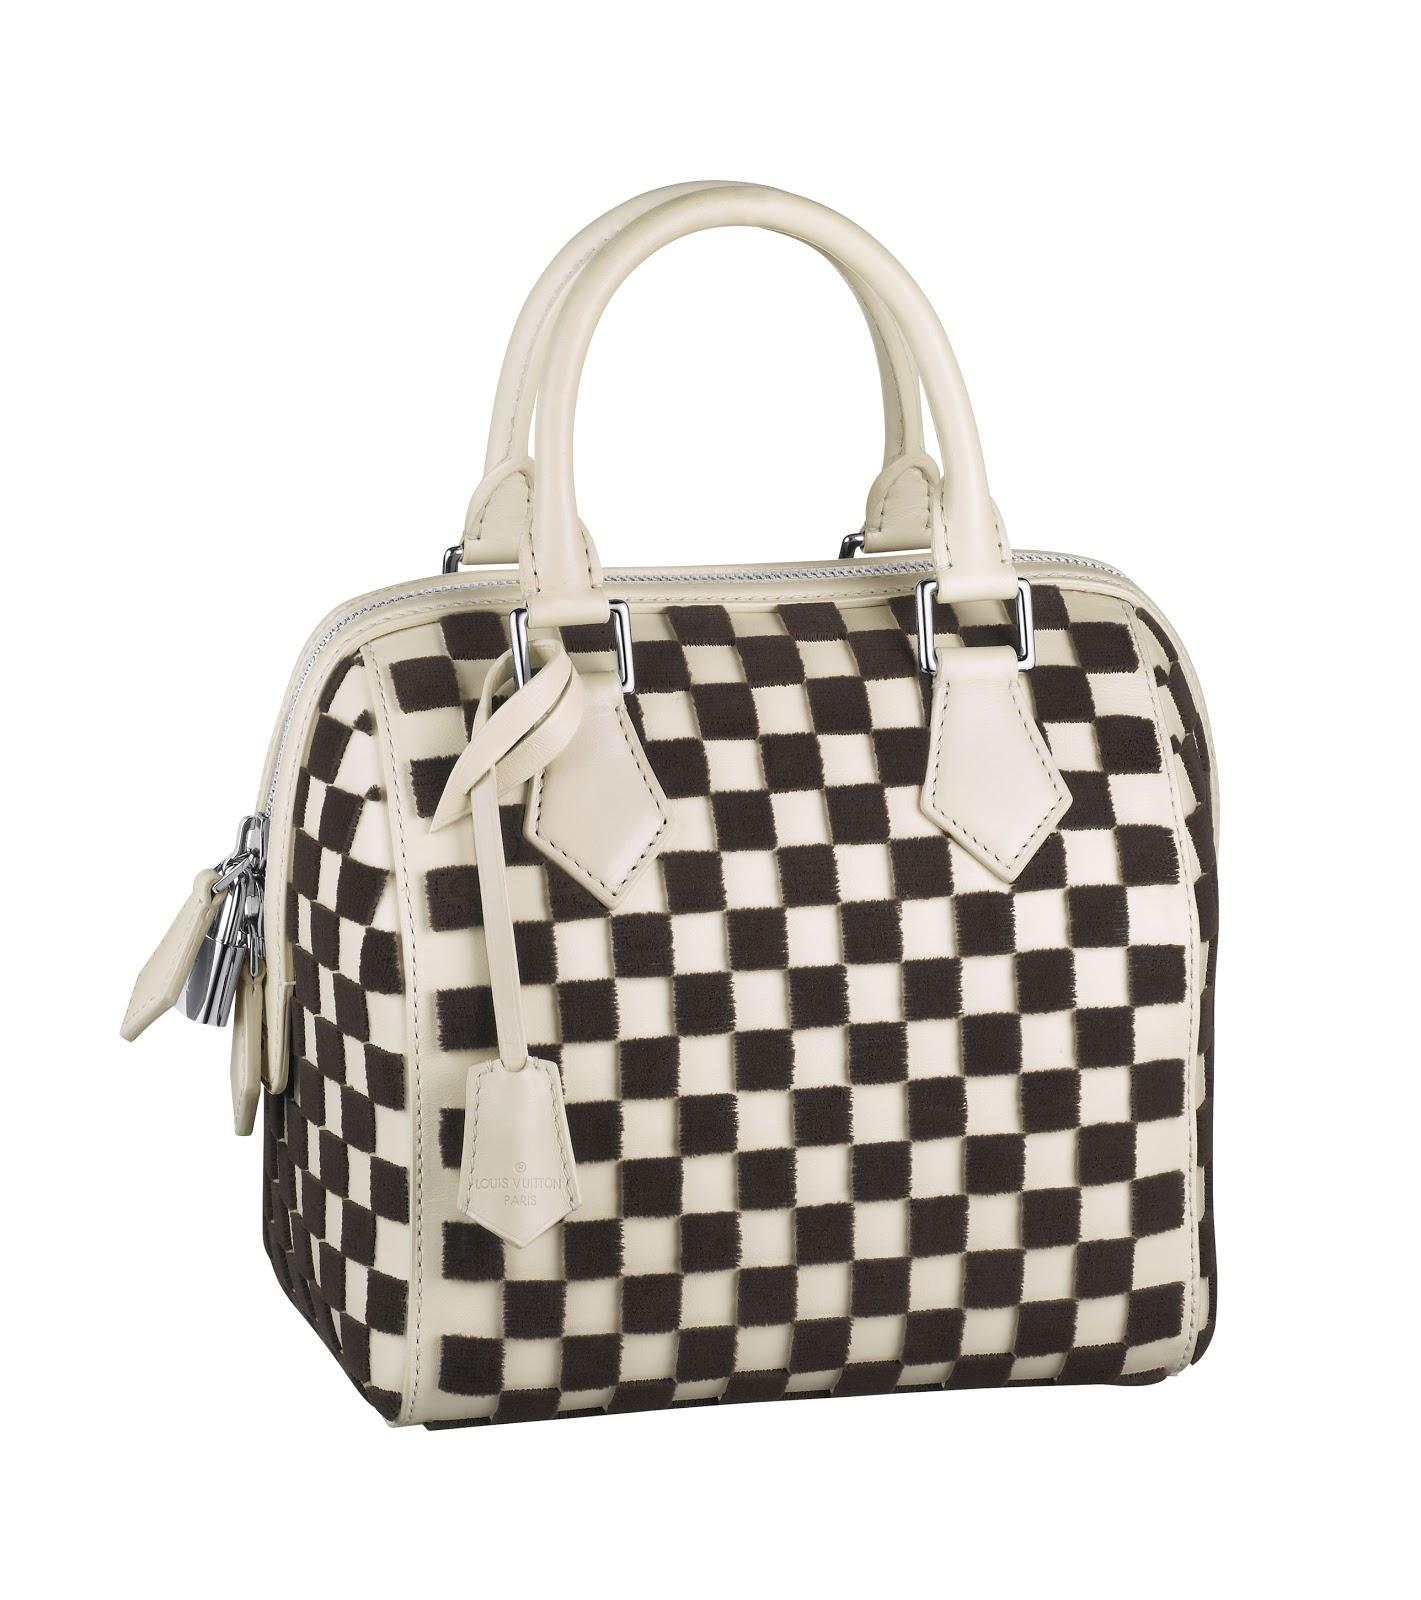 Louis Vuitton Dog Collar For Sale Buy louis vuitton handbags for women